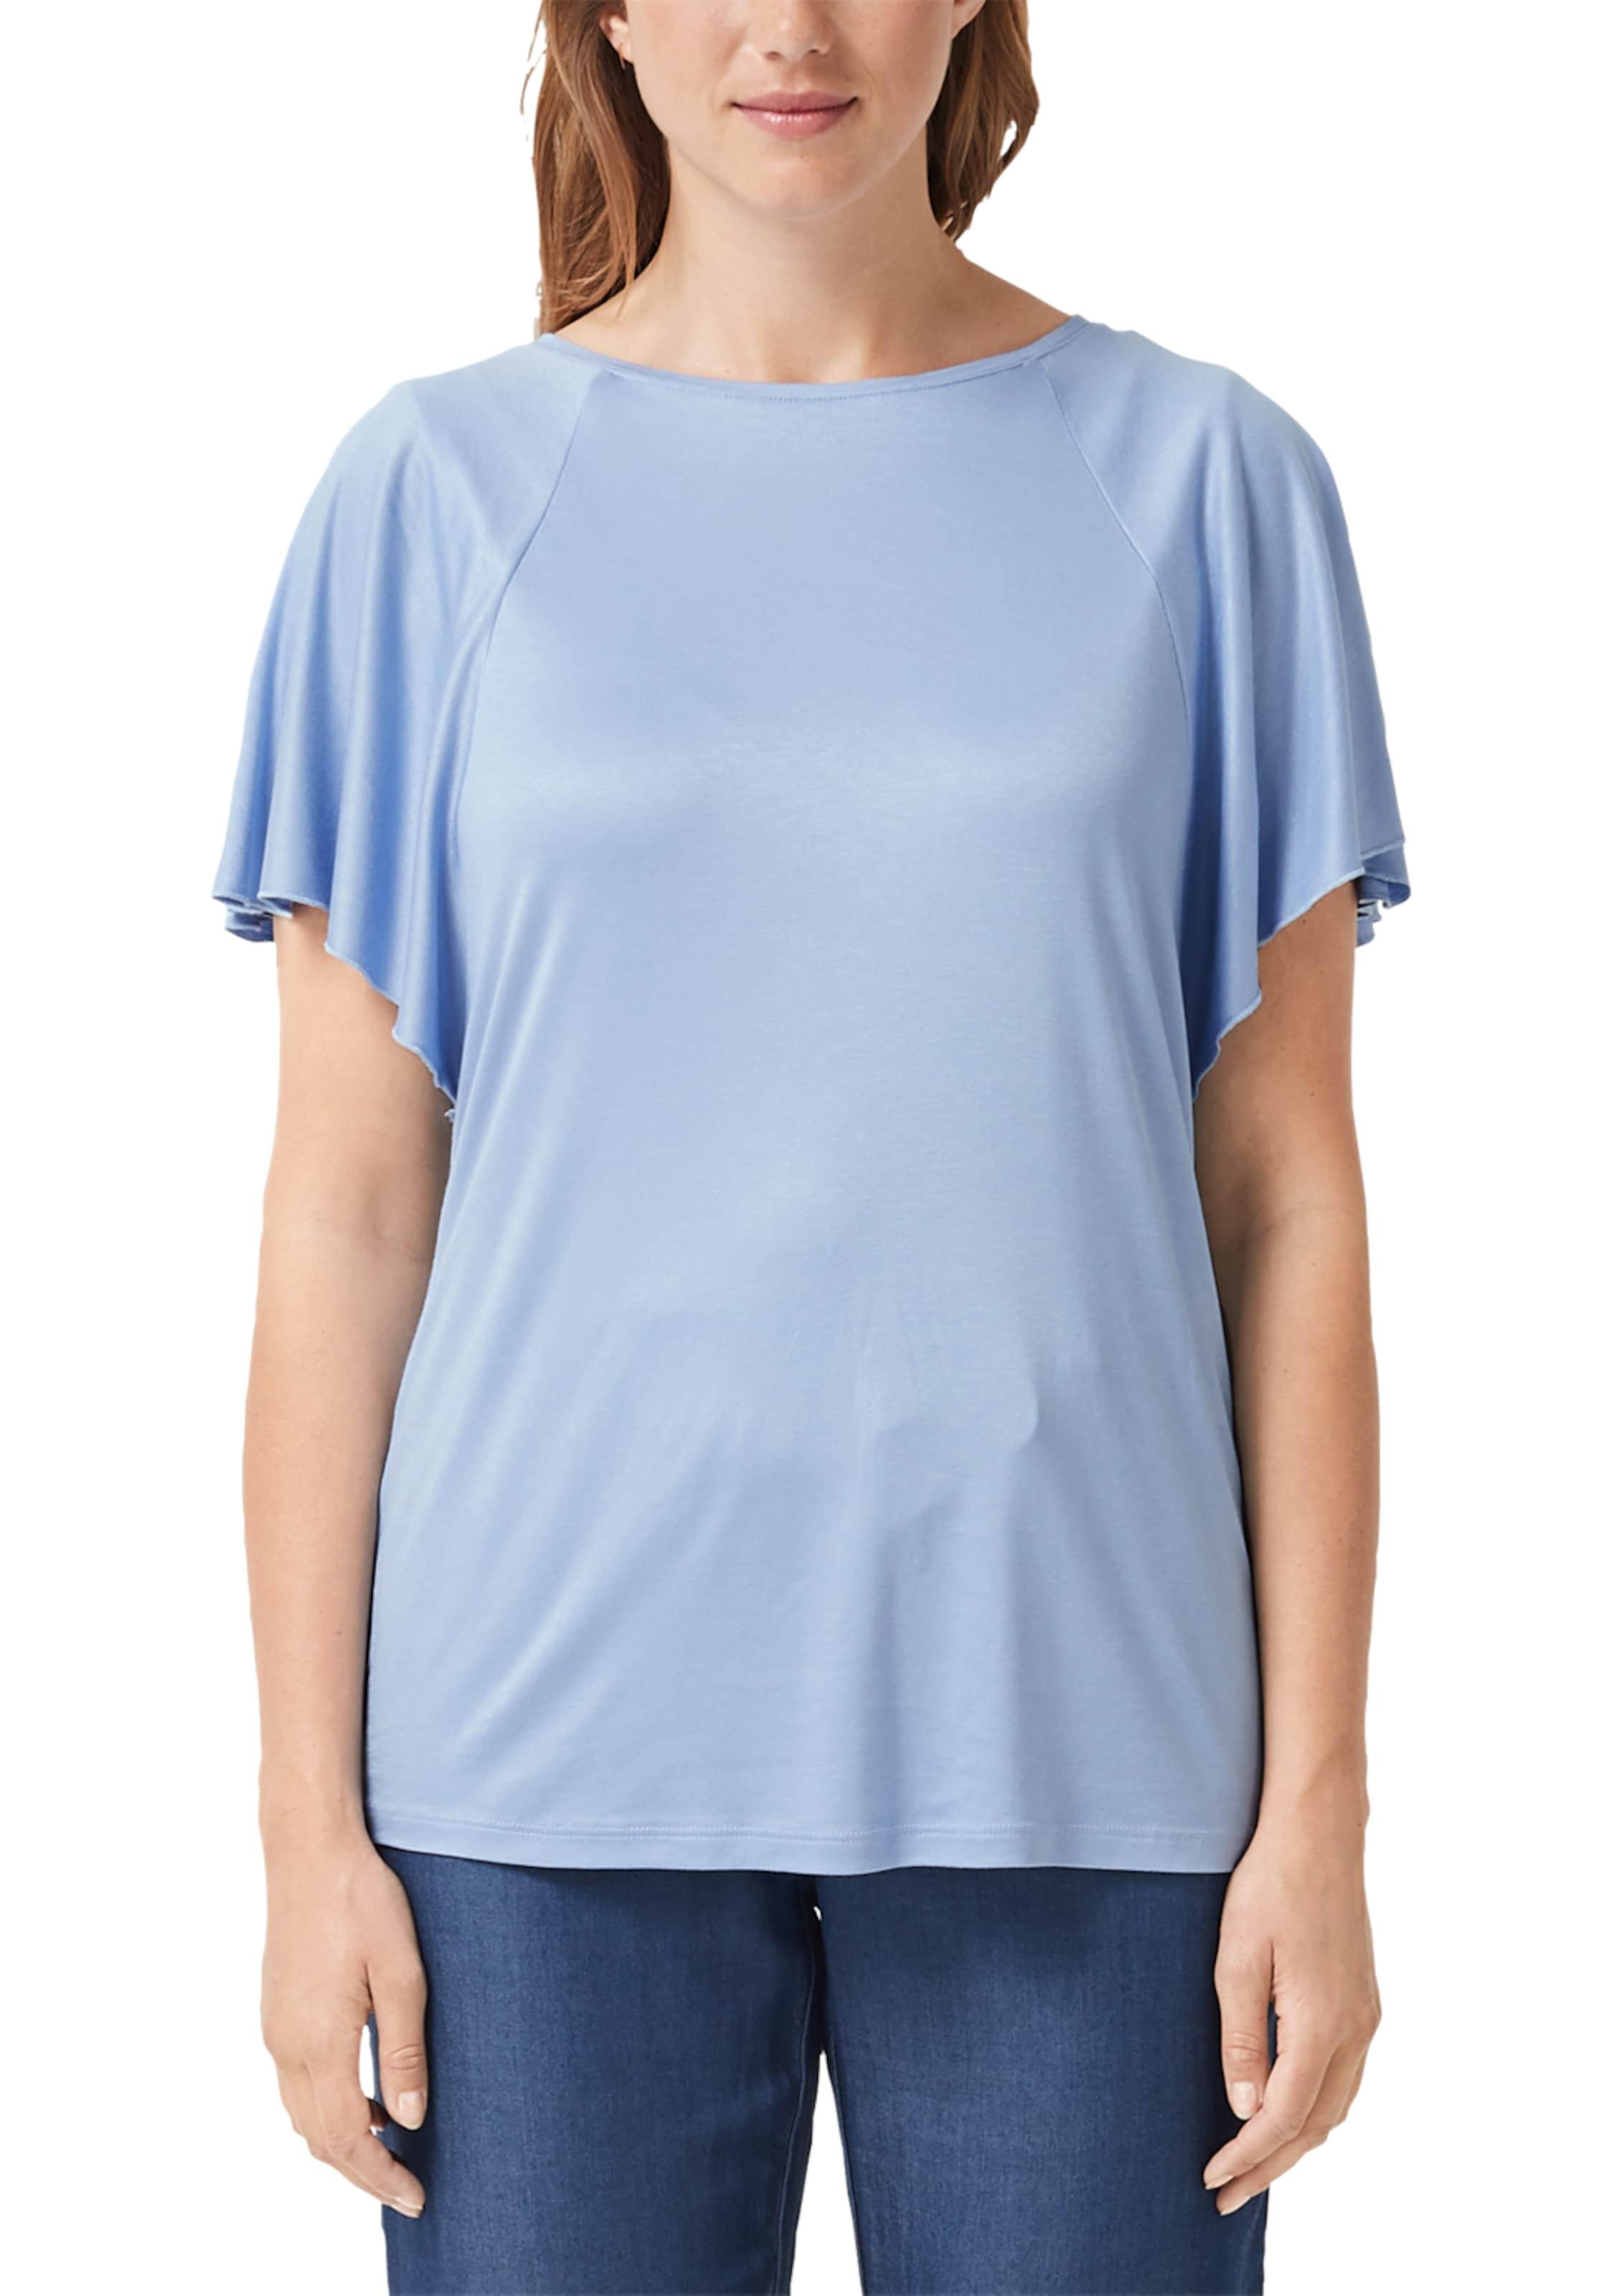 Rauchblau shirt Triangle T T shirt In Triangle In Rauchblau 8n0wPkO